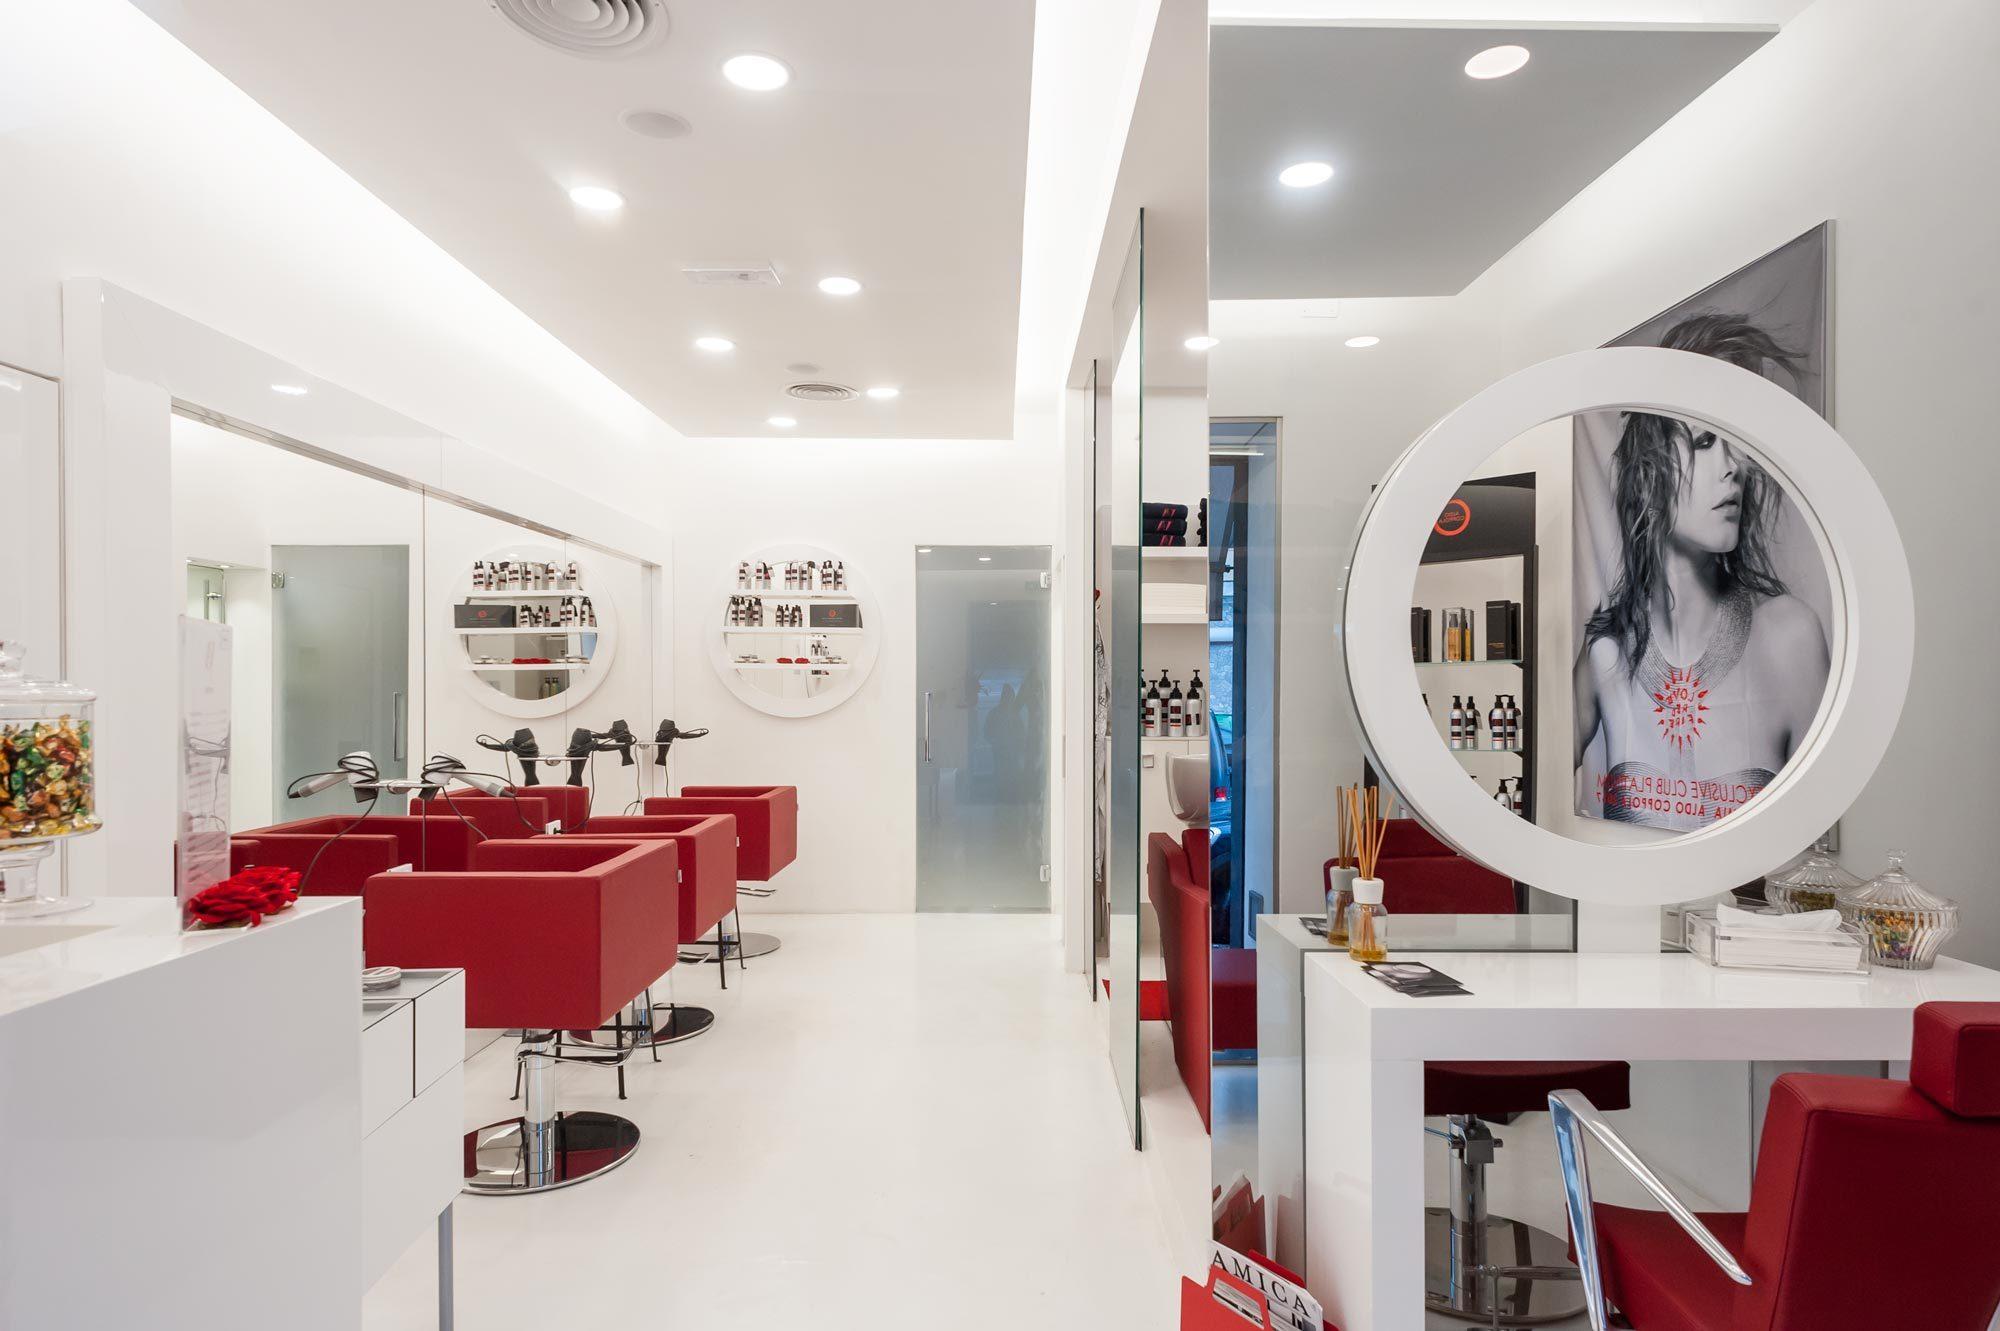 Servizio fotografico per CCT Mobili Adil – Parrucchiere